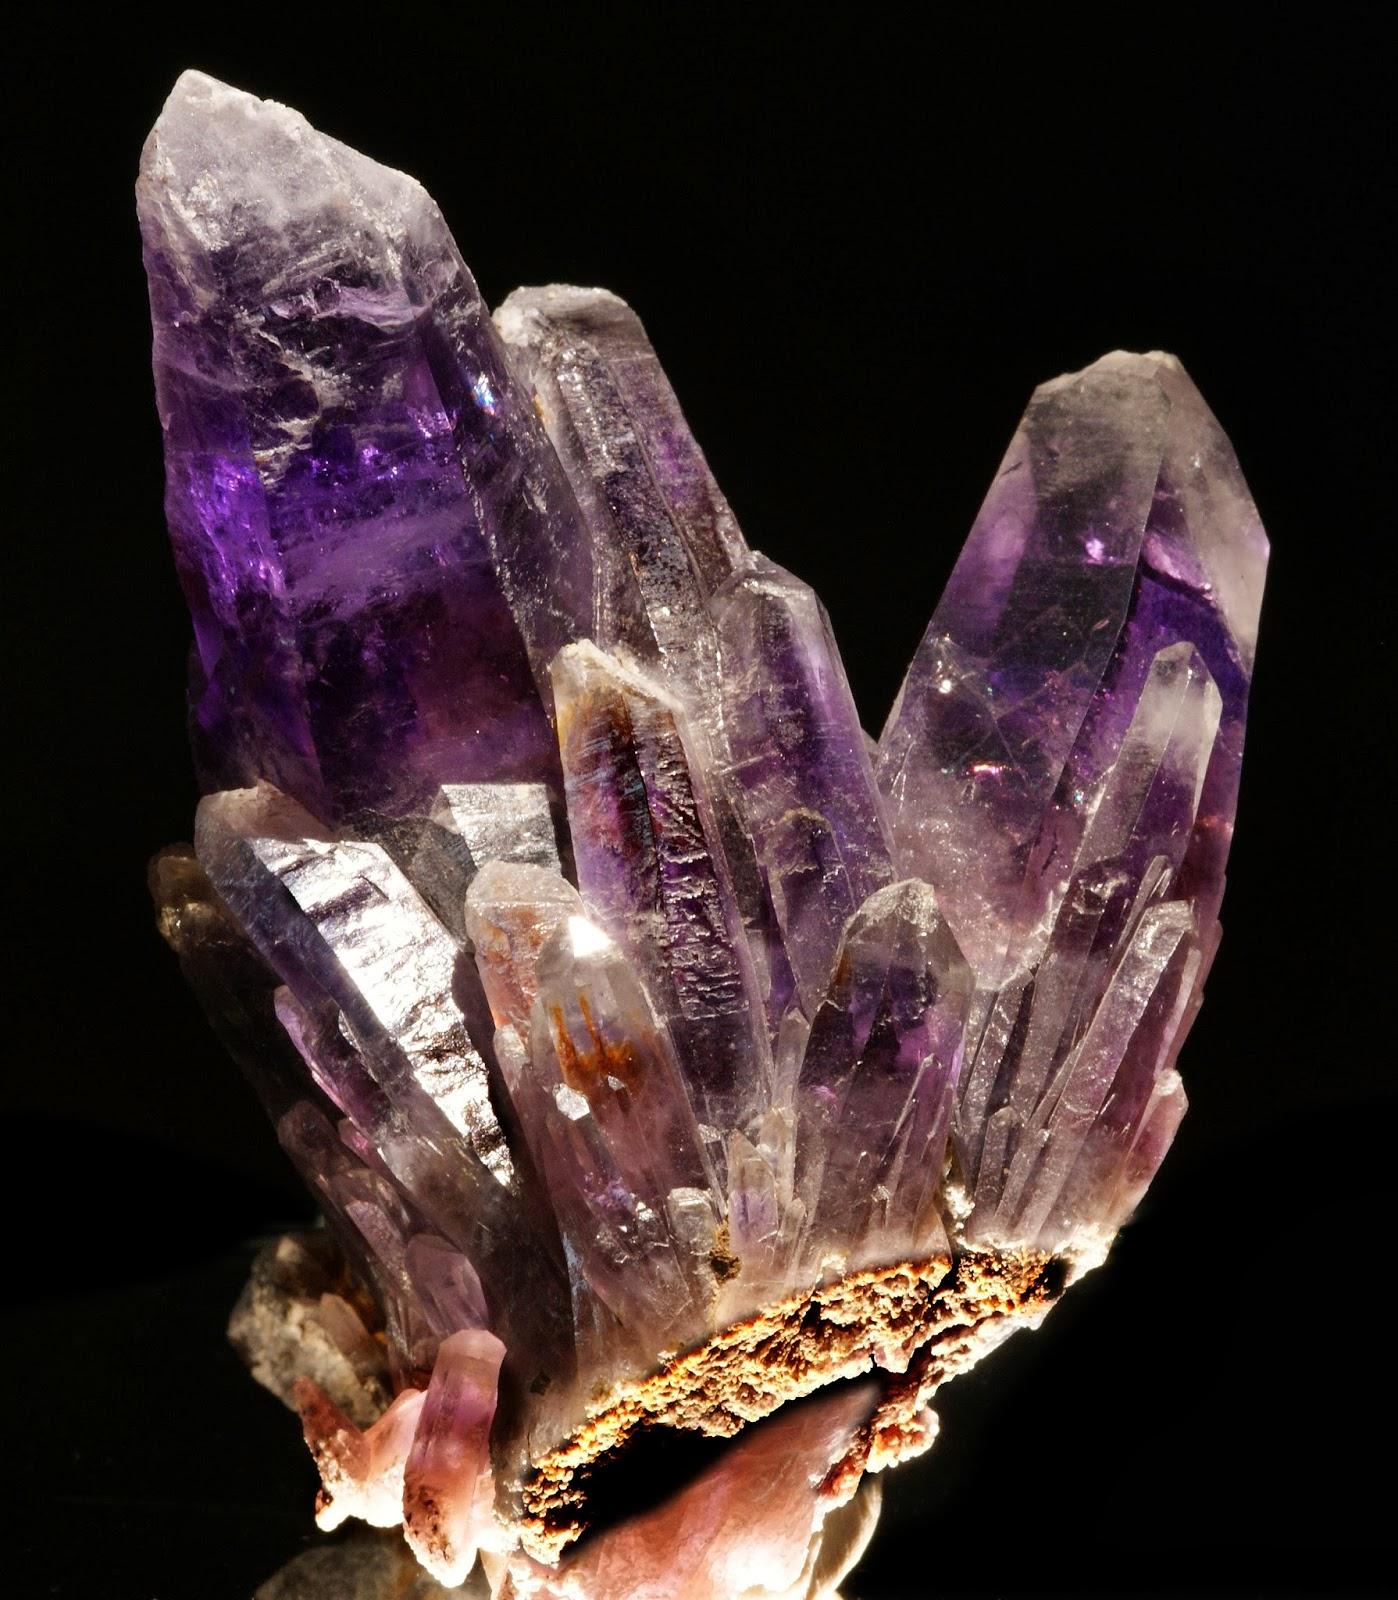 Minerales que curan propiedades de la amatista - Fausse pierre precieuse ...